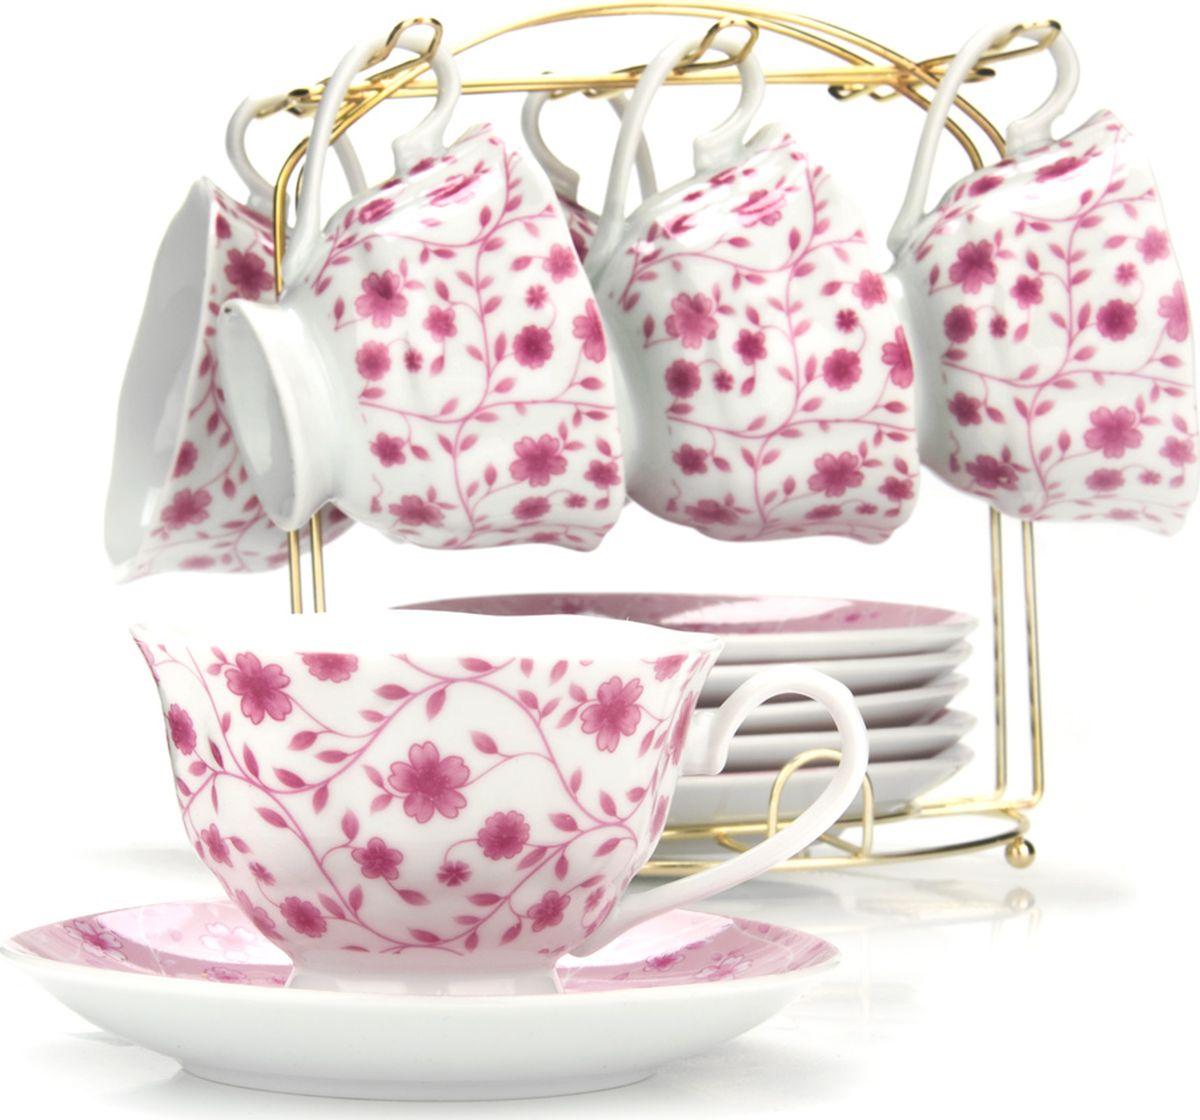 Сервиз чайный Loraine, на подставке, 13 предметов. 43297 сервиз чайный loraine на подставке 13 предметов 43295